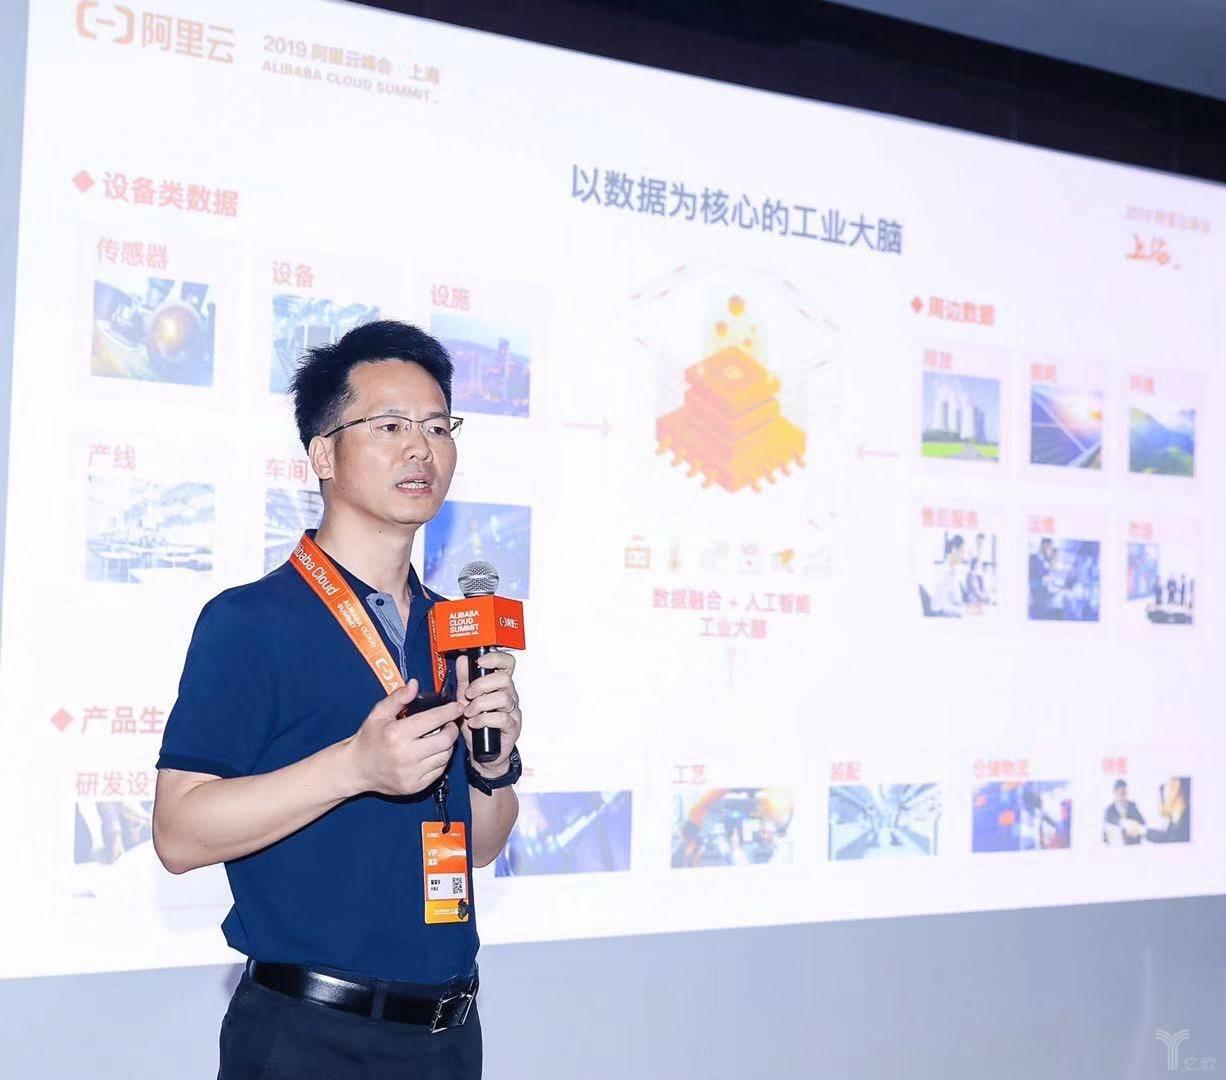 阿里云智能副总裁、数据智能产品事业部总裁曾震宇